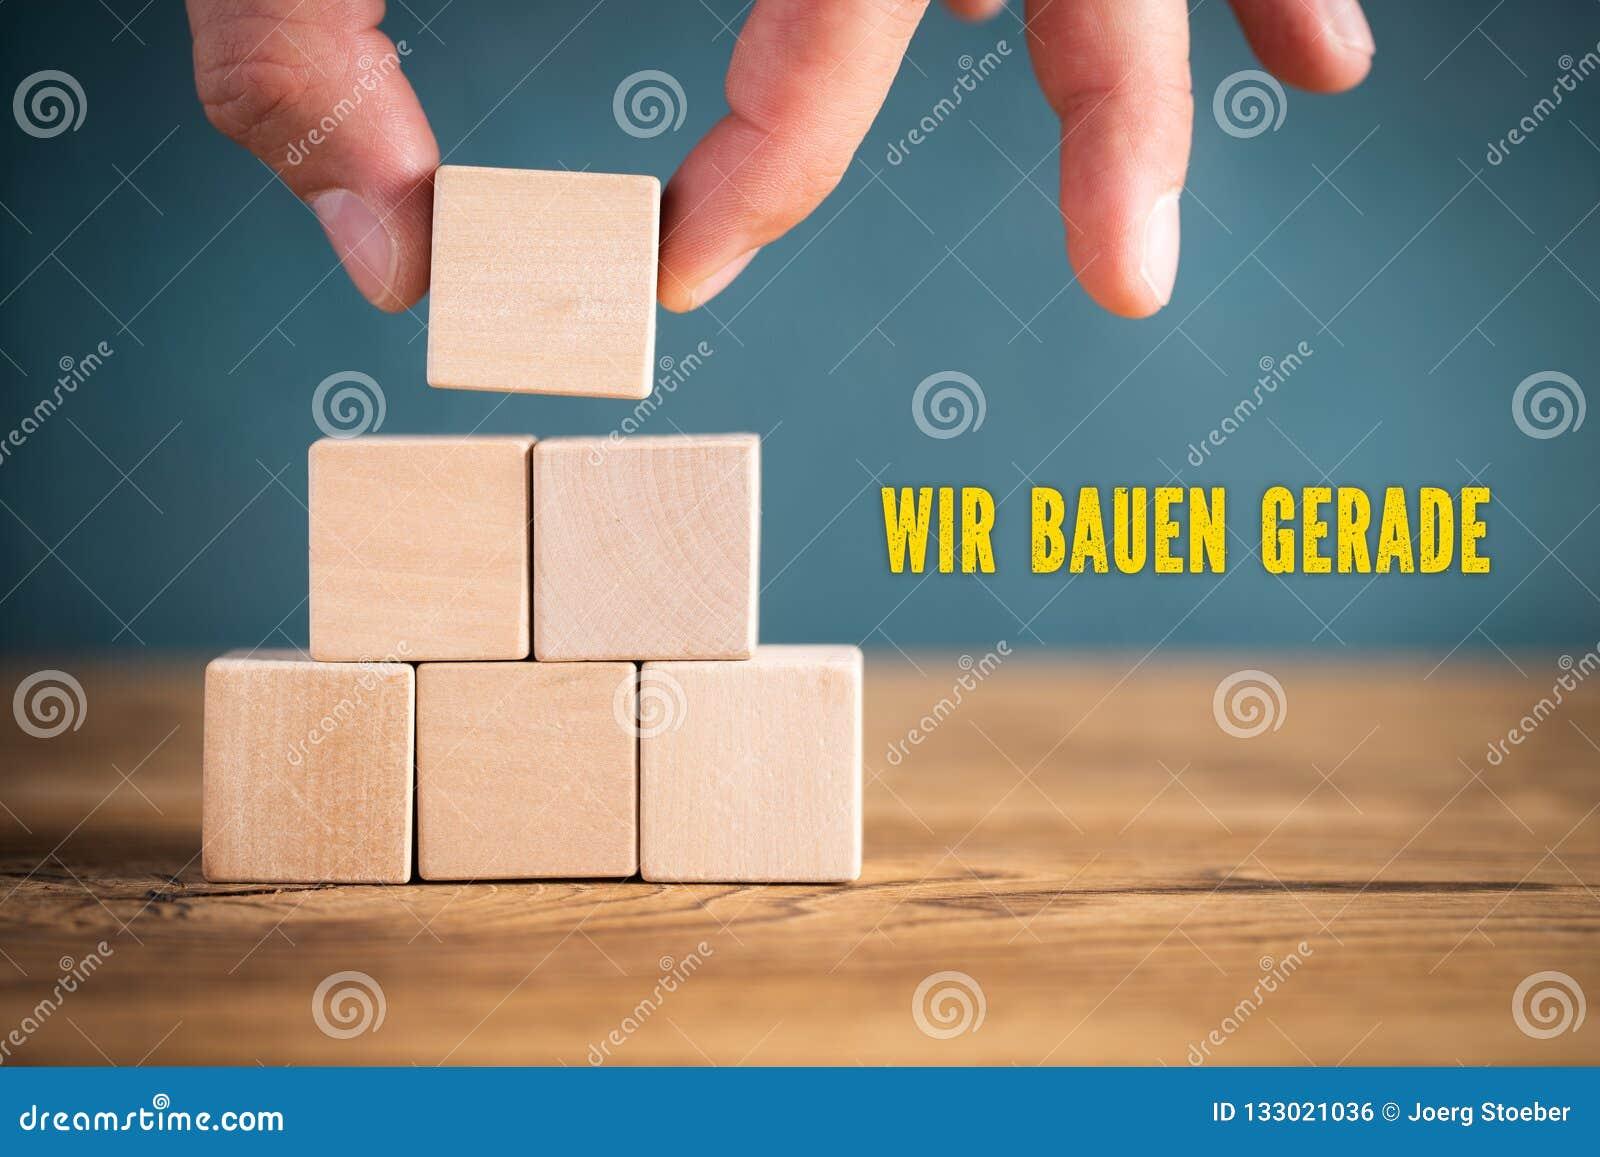 手堆积空白的立方体和消息'建设中'用德语